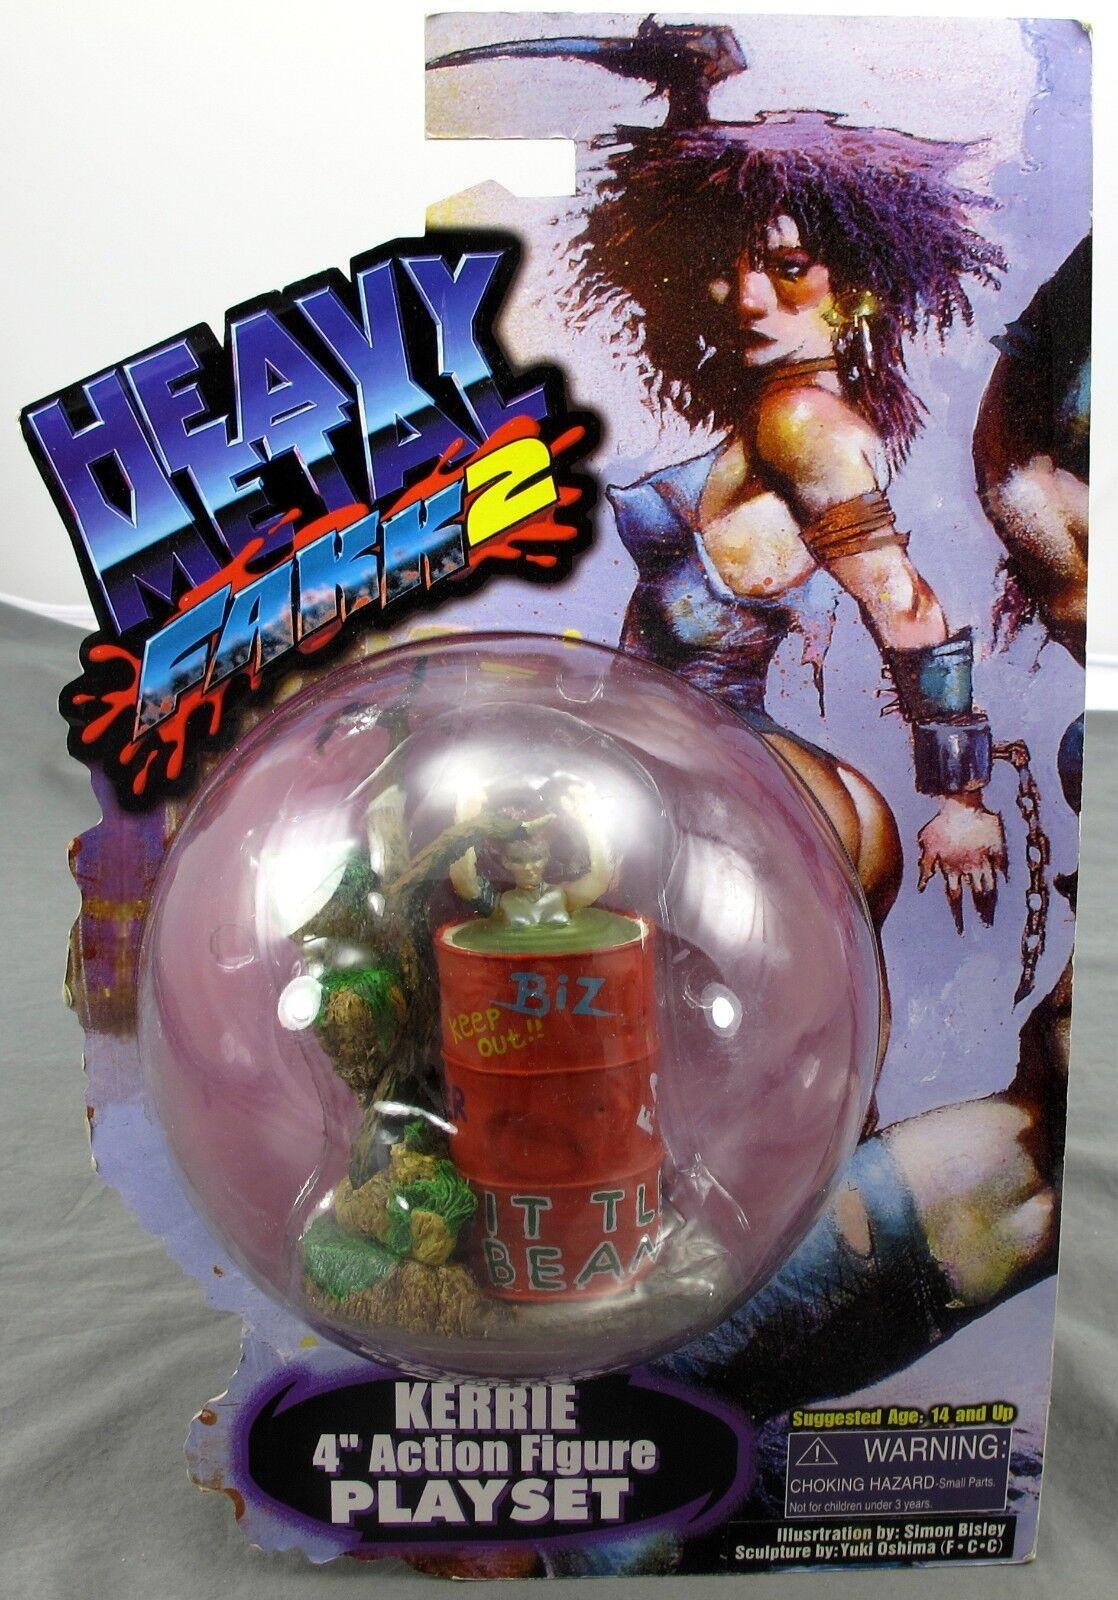 Heavy Metal Fakk2 Kerrie 4'' Action Figure Playset 1999 Art Asylum NEW